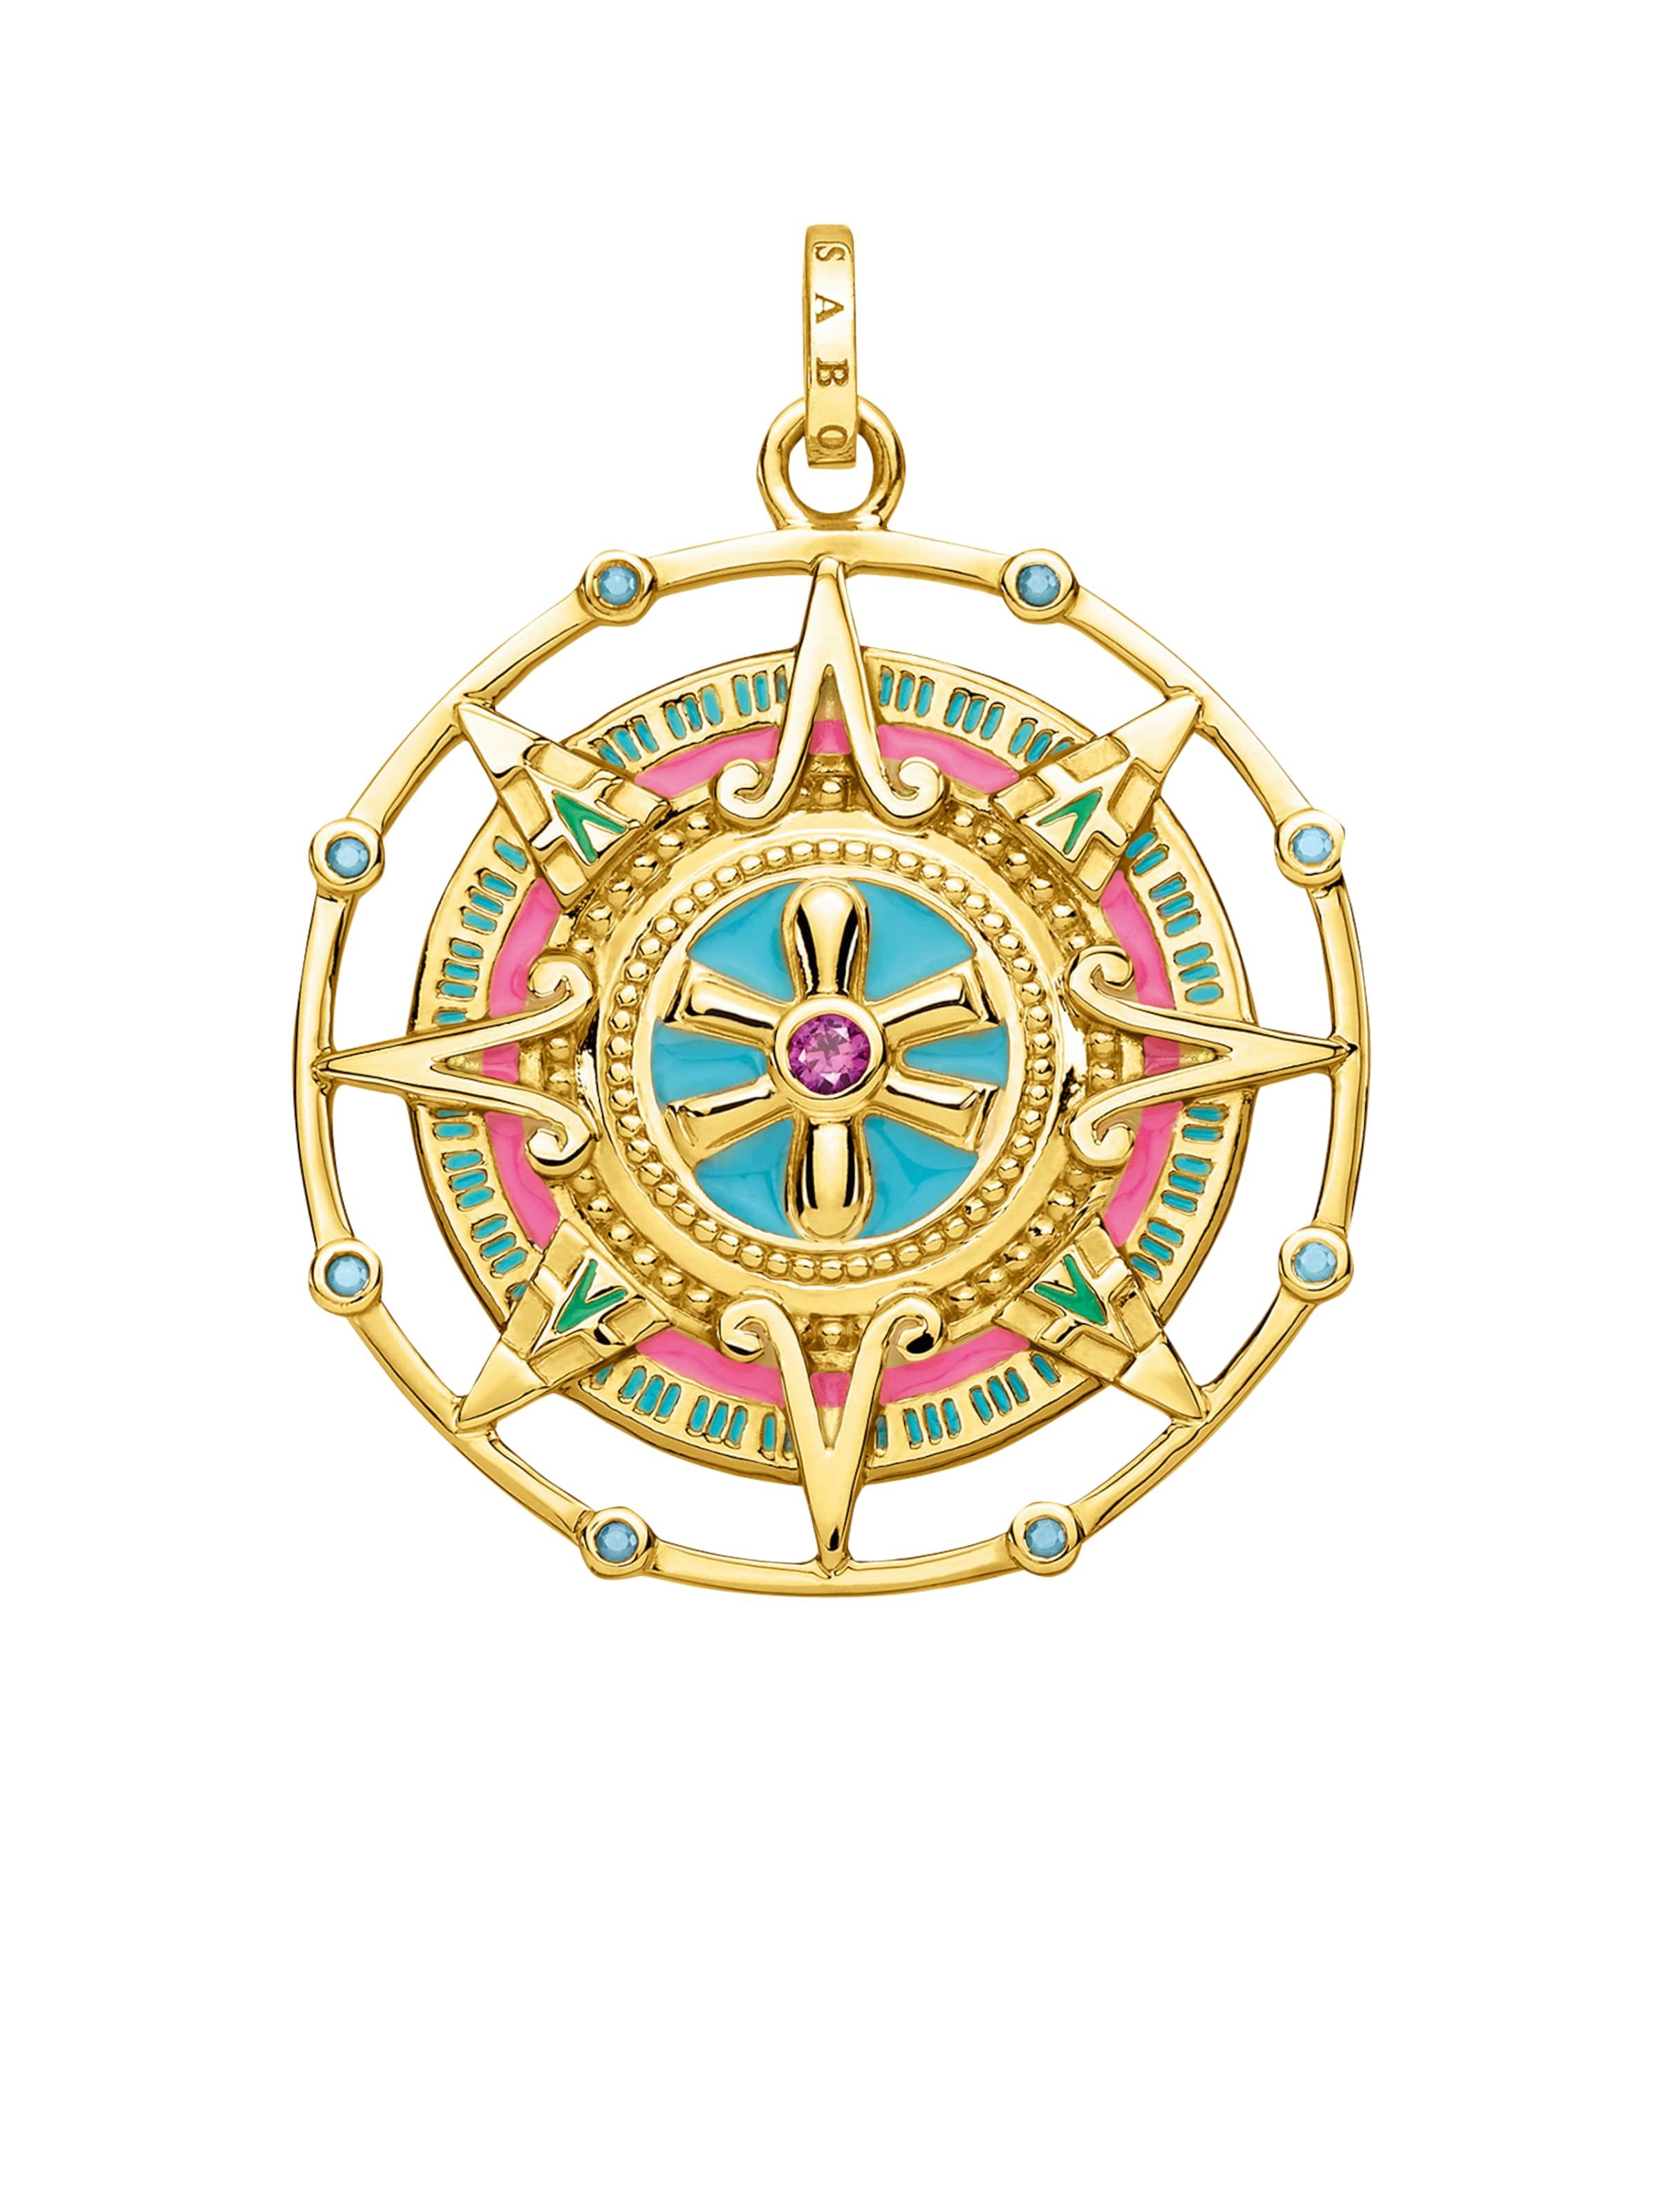 Thomas TurquoiseOr En Pendentif 'amulett' Rose Sabo TJc3lFuK1